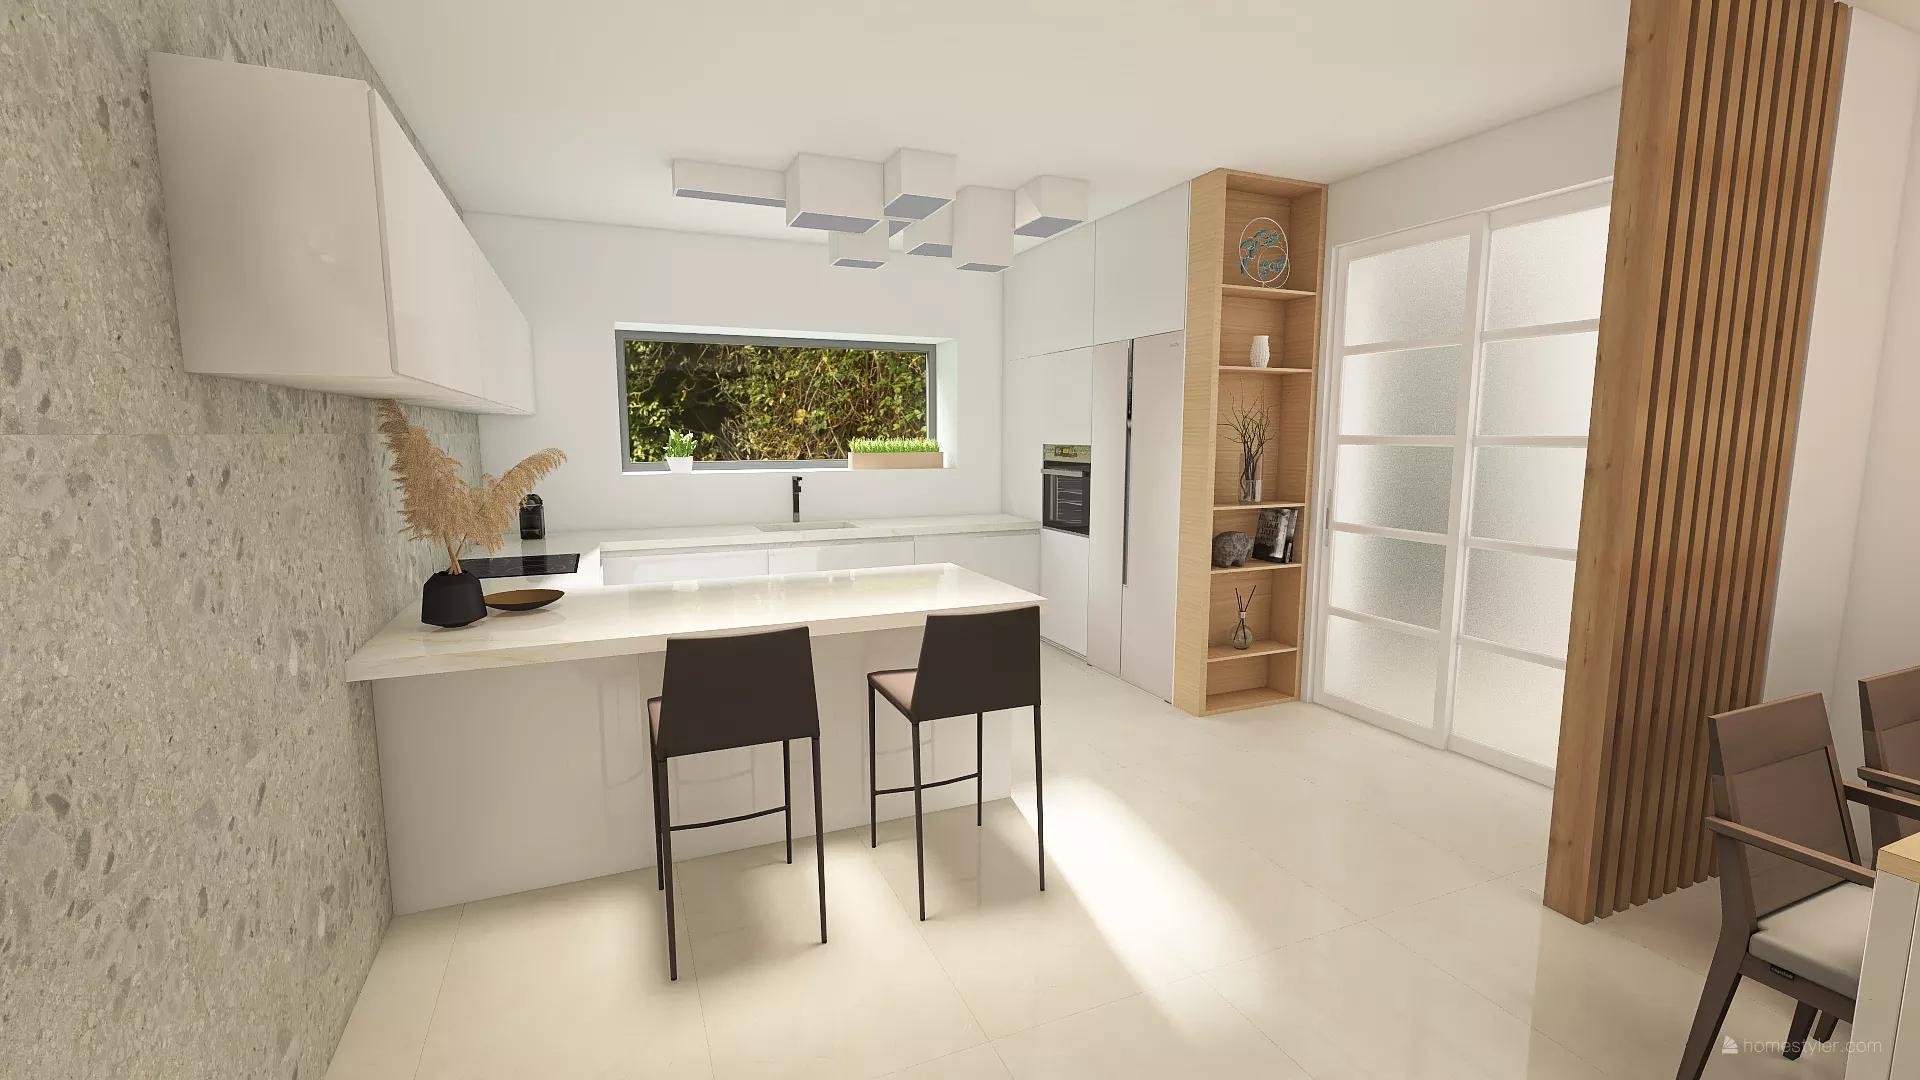 Staviame Pod vinohradmi 🍇 - Z chodbičky vstup do kuchyne. Keďže sme na projekte boli obmedzení m² kvôli podmienkam výstavby, navrhli sme si domček tak, aby nikde nebola zbytočná dlhá chodba.